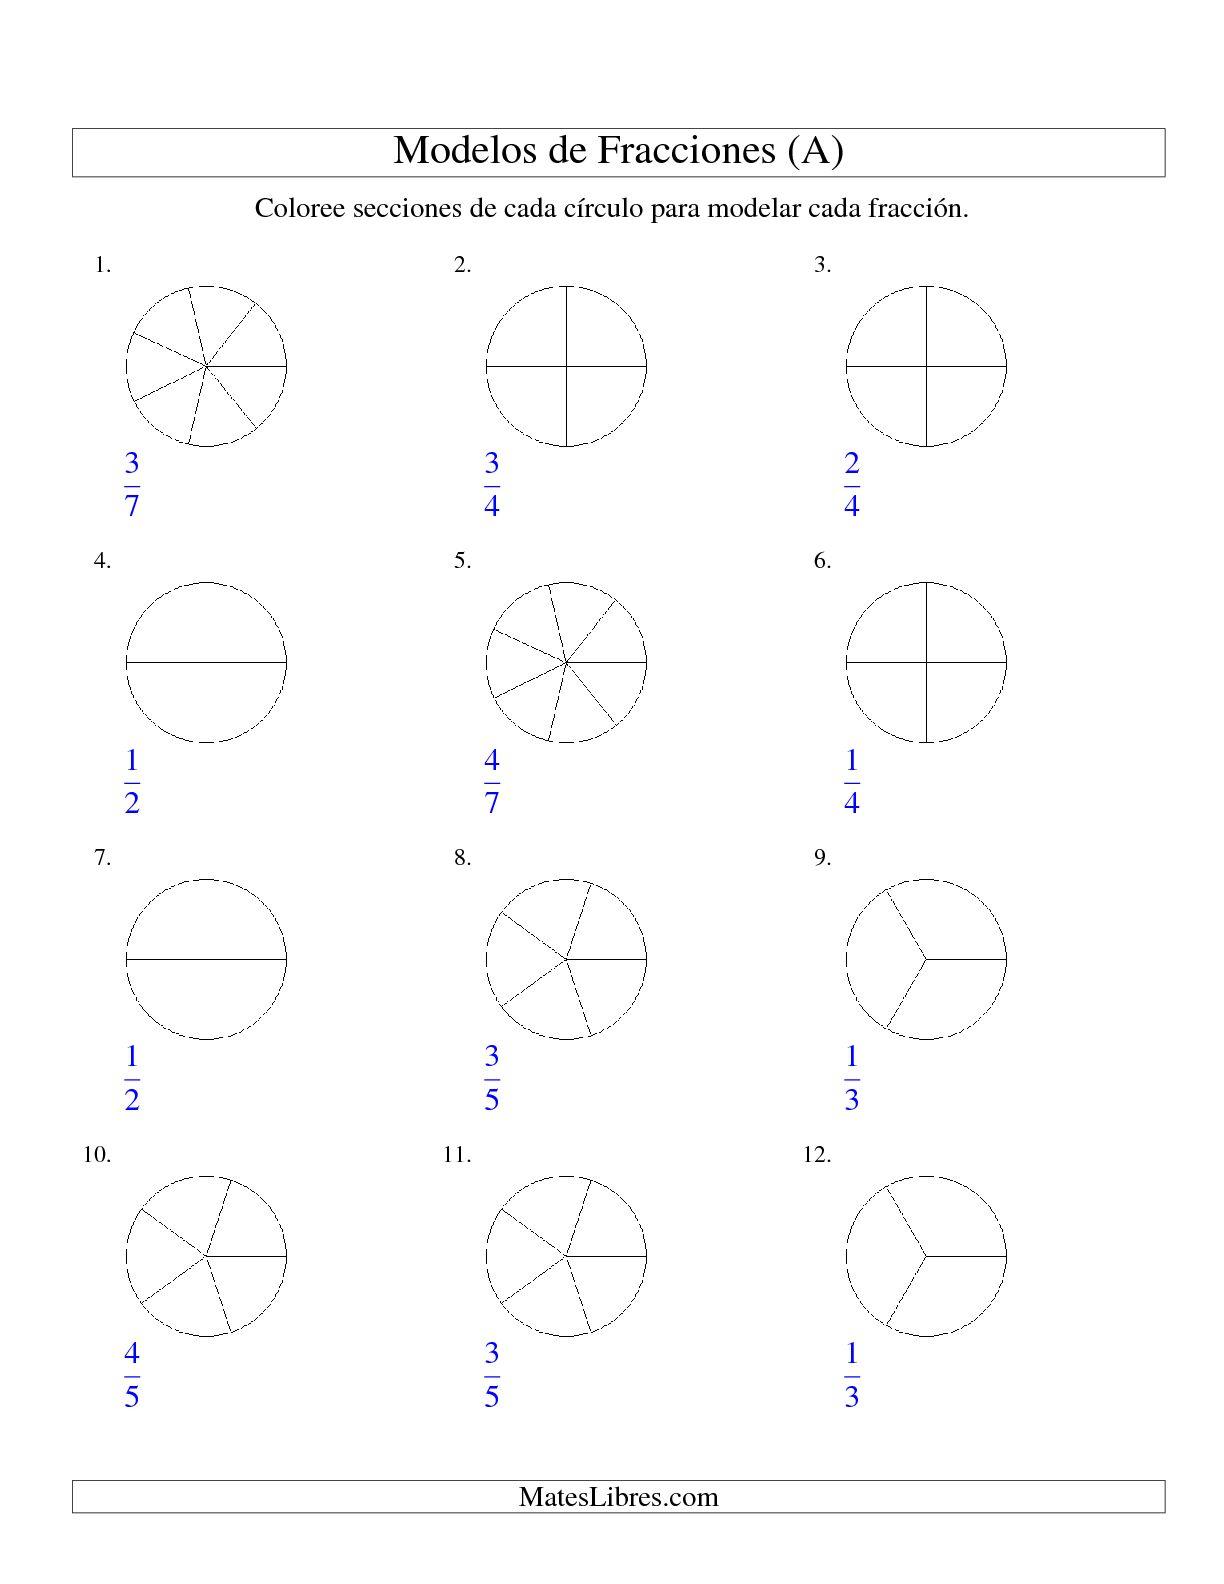 La Colorear de Mitades a Octavos de Círculos (A) Hoja de Ejercicio de Fracciones